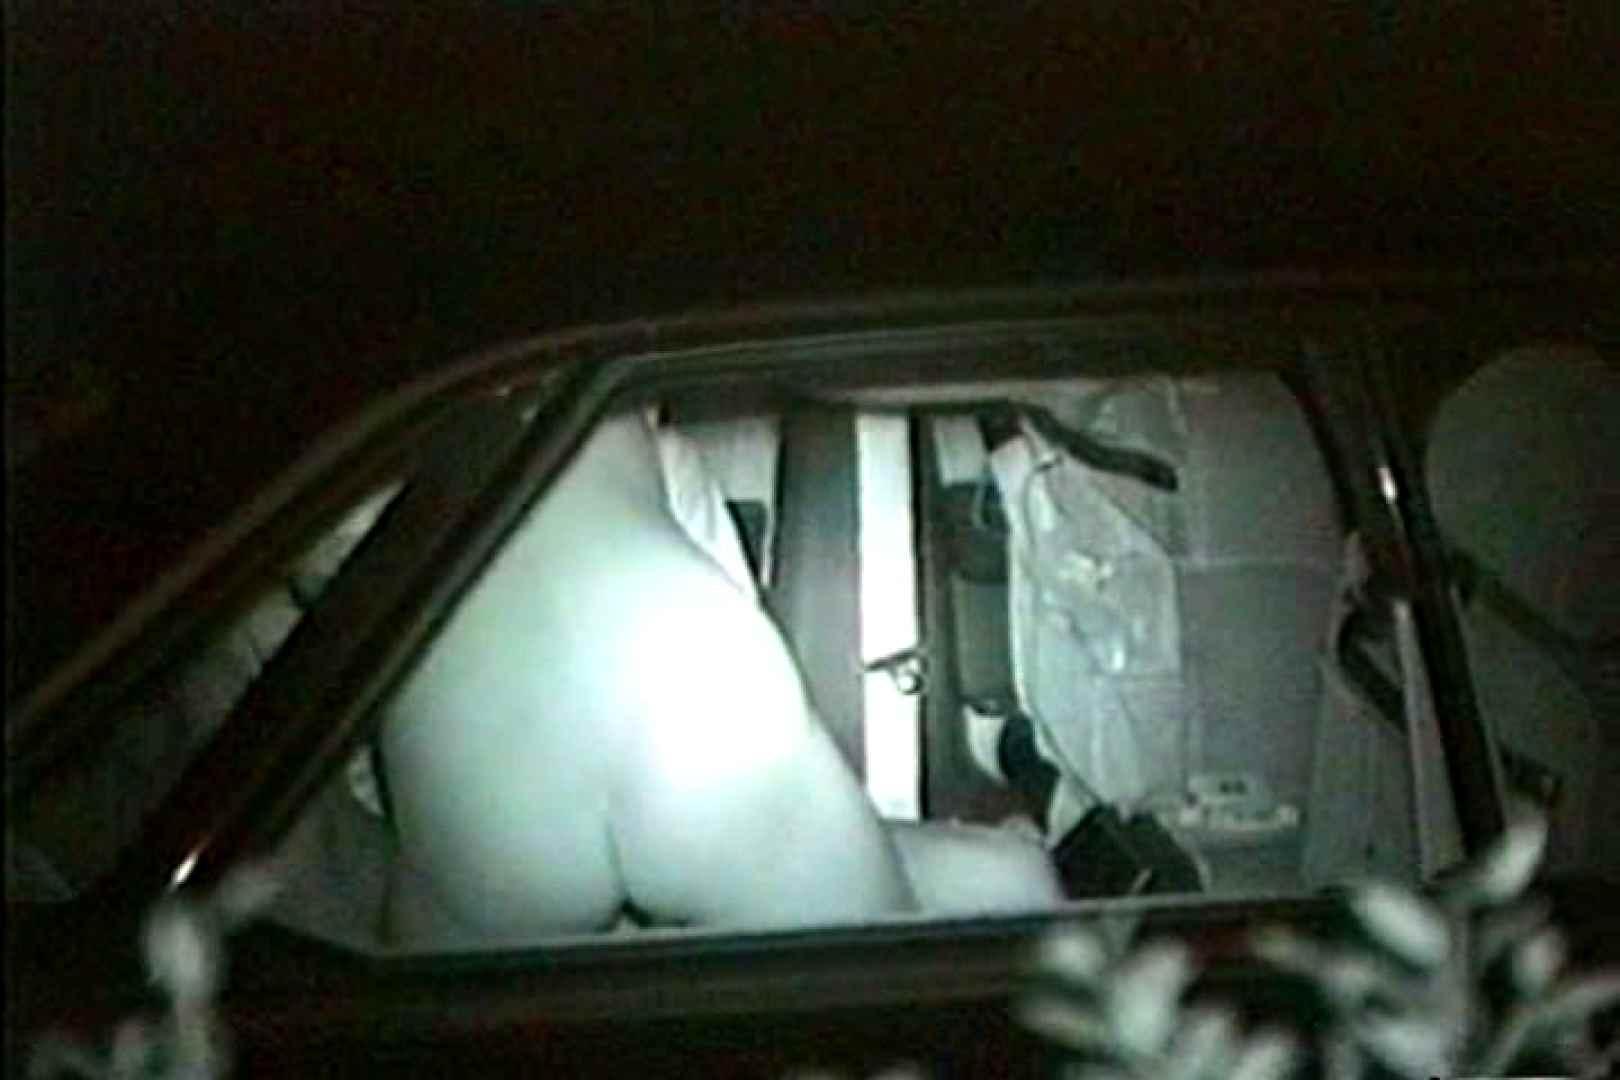 車の中はラブホテル 無修正版  Vol.6 赤外線 盗撮動画紹介 104pic 13